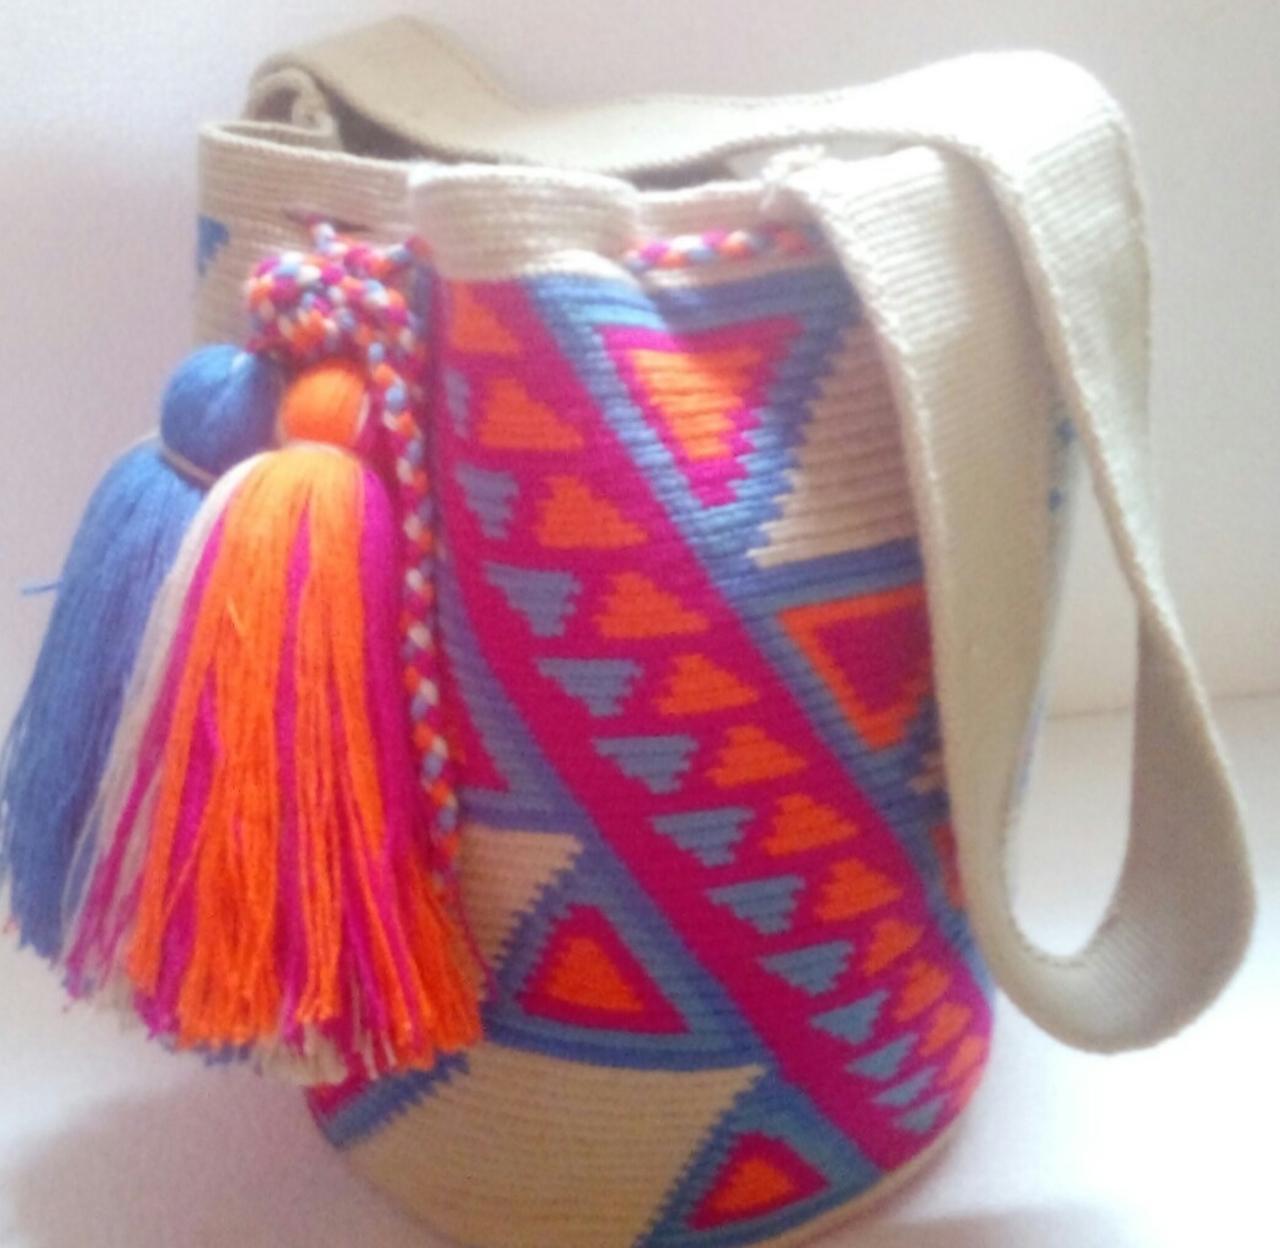 Mochila wayuu artesanal multicolor  tejida a mano en fibra de algodón por artesanas indígenas Wayuu